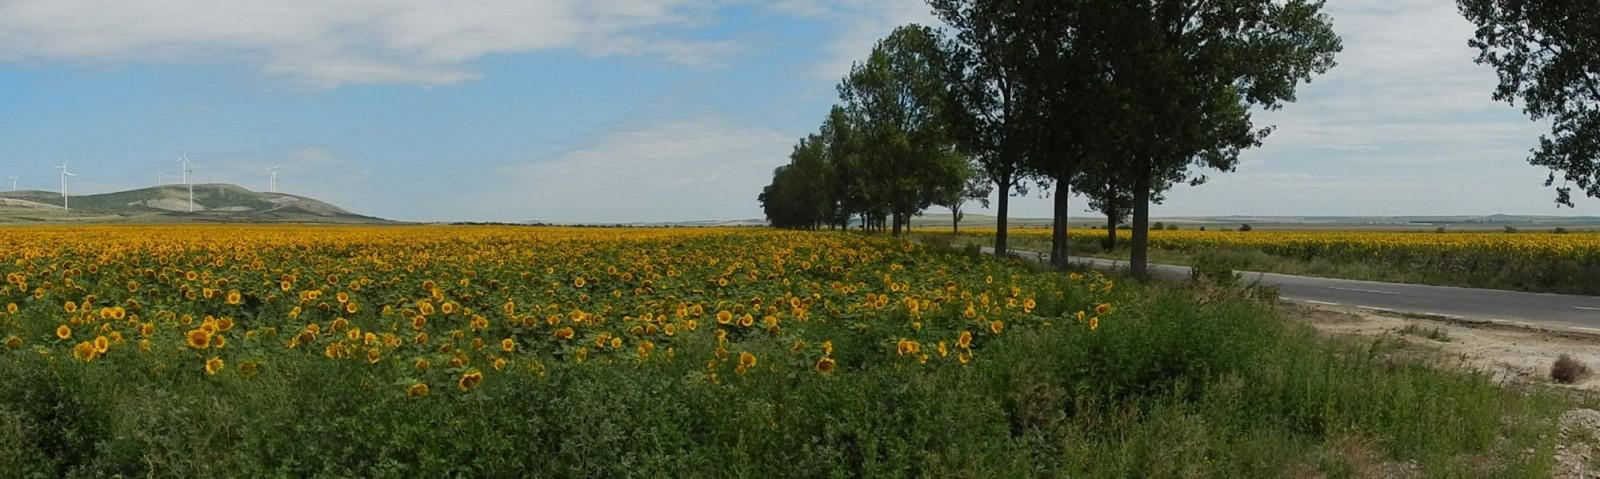 und nochmal Sonnenblumen